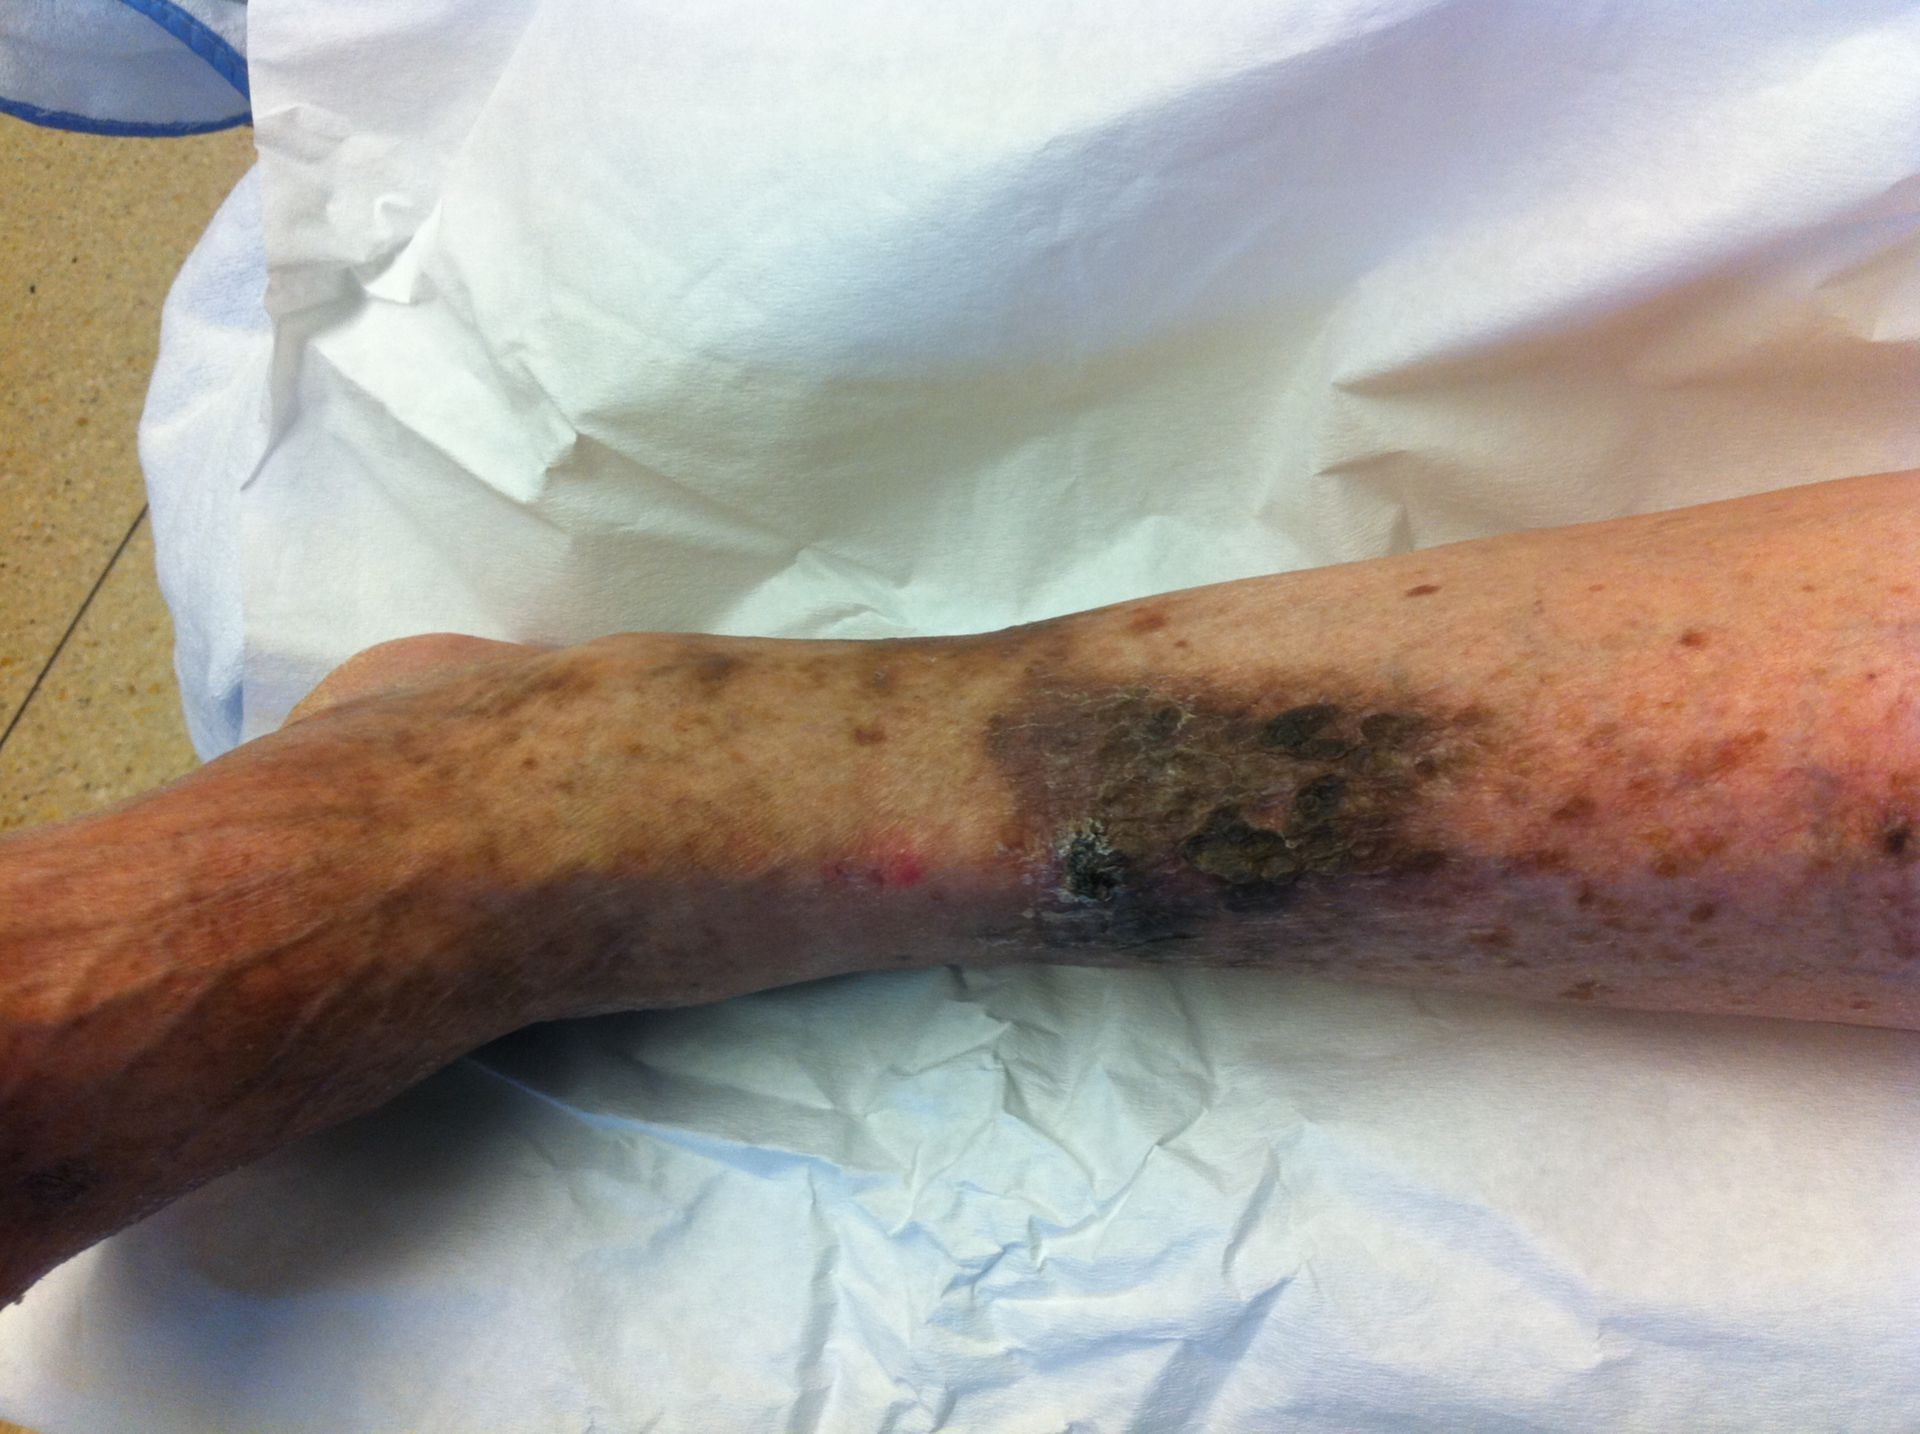 Ulcera crusis